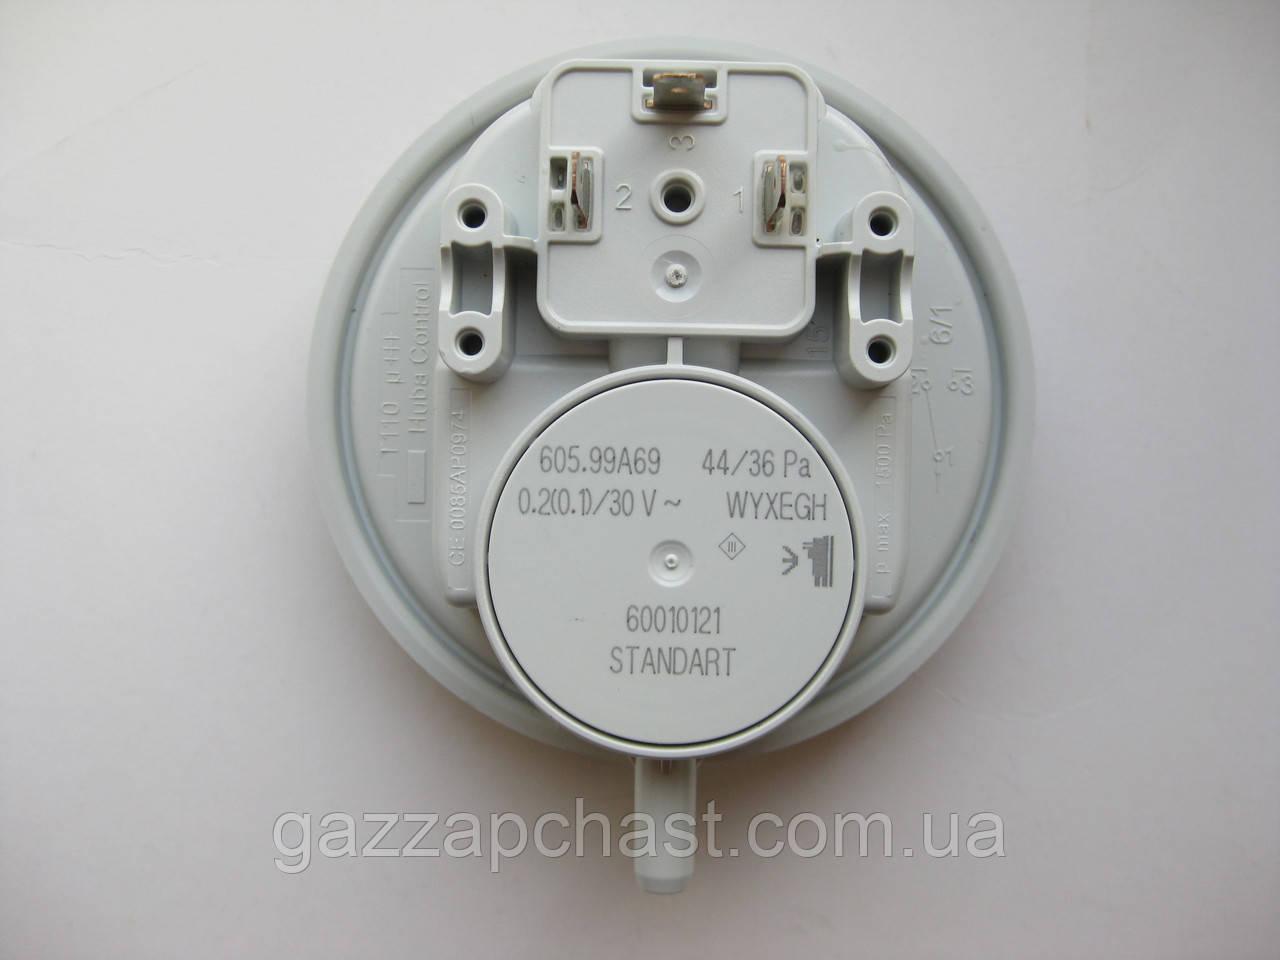 Прессостат Huba Control 44/36 Pa для бытовых газовых котлов (60010121)